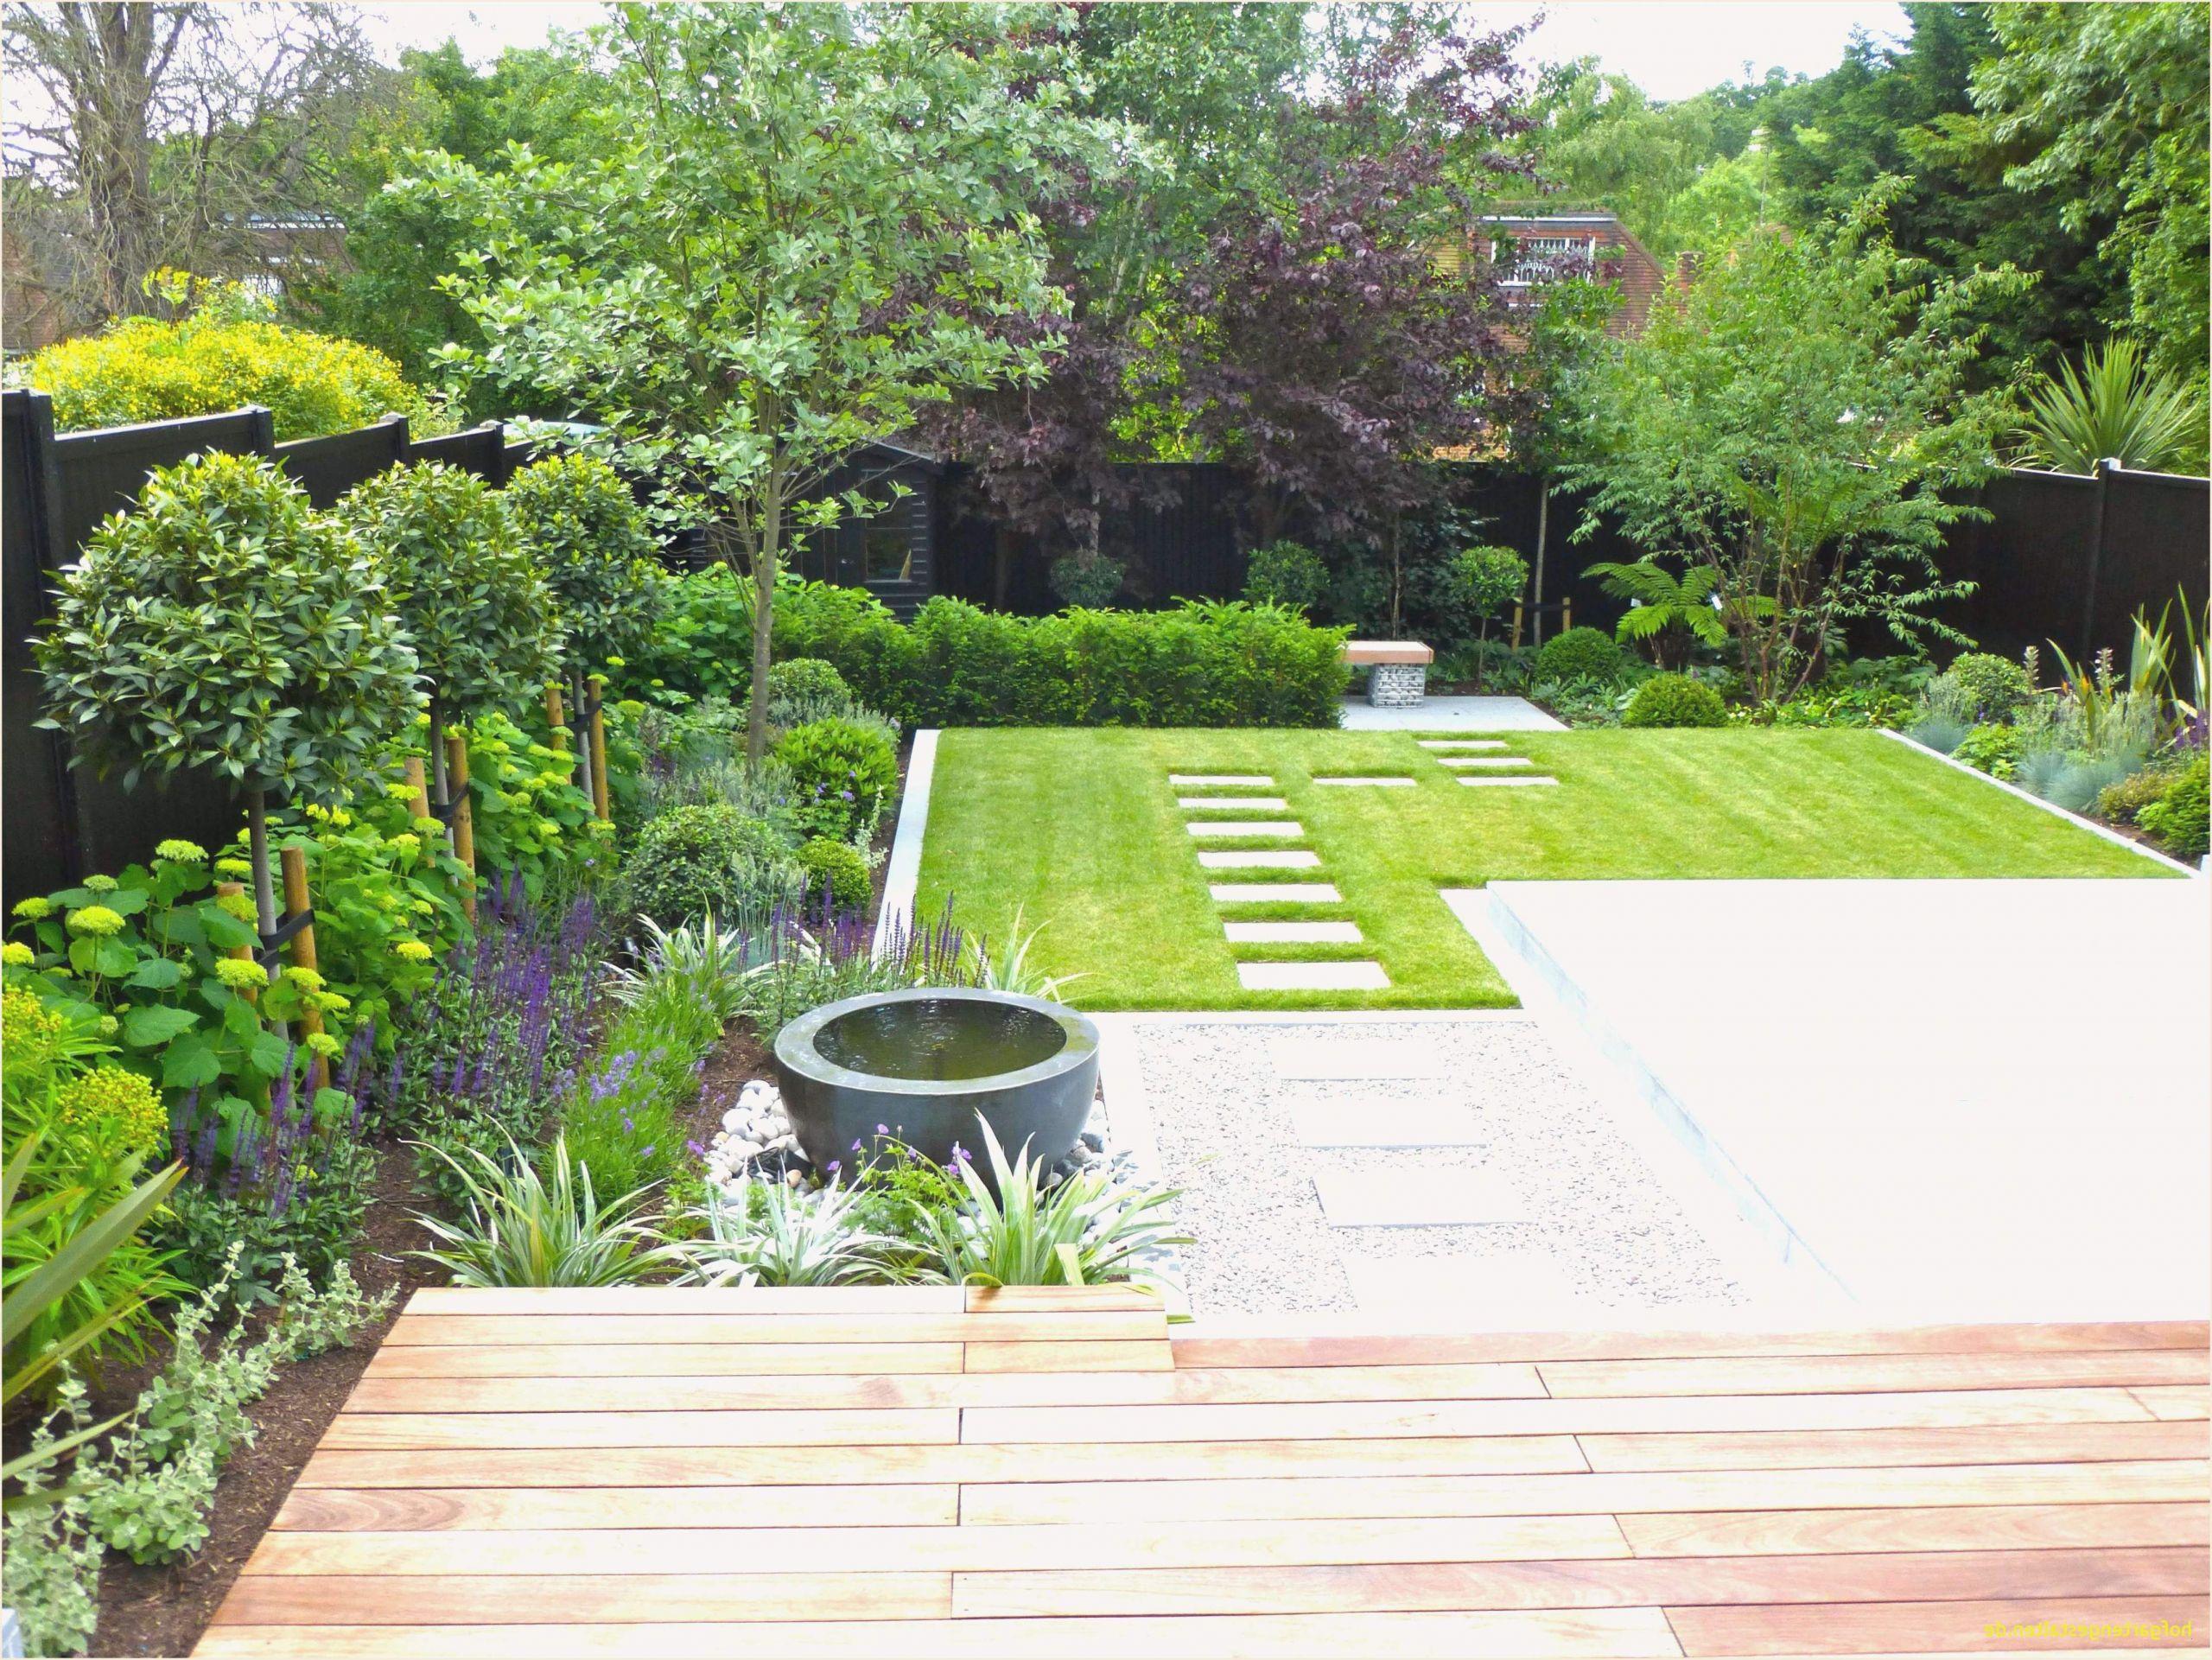 Brunnen Garten Design Inspirierend Zimmerpflanzen Groß Modern — Temobardz Home Blog